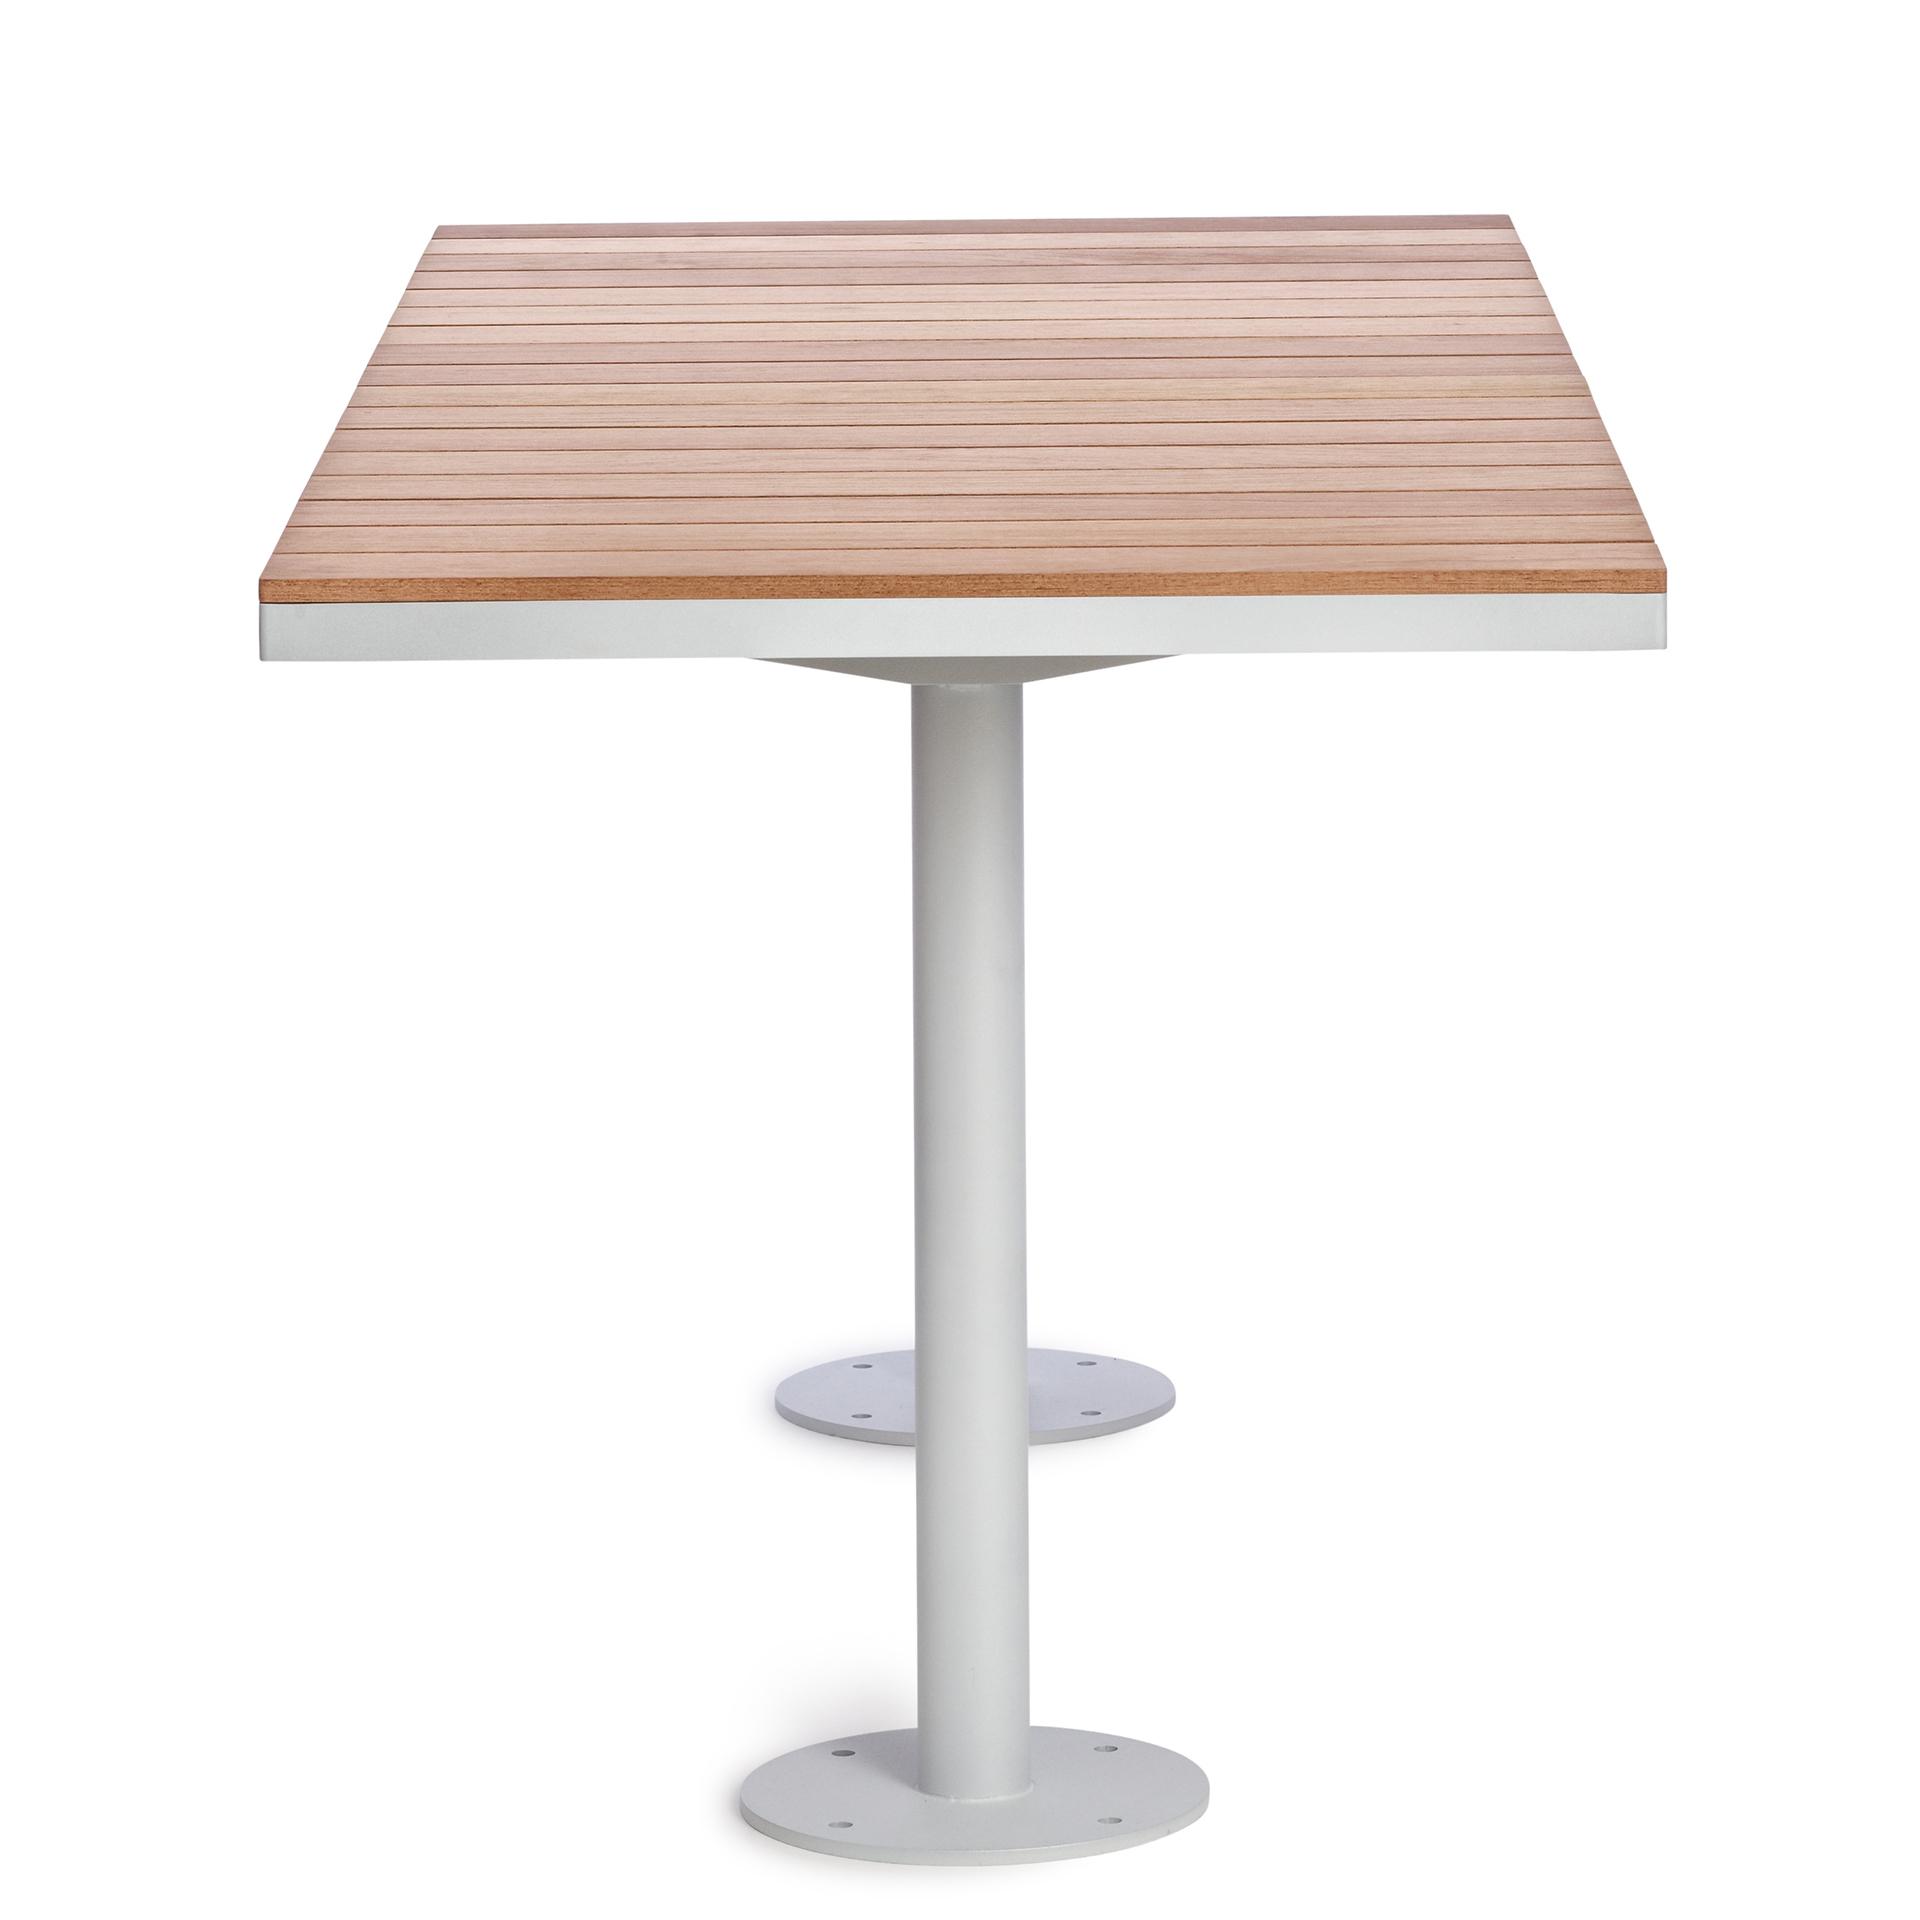 Parco tafel - blad van hout en frame van gegalvaniseerd staal